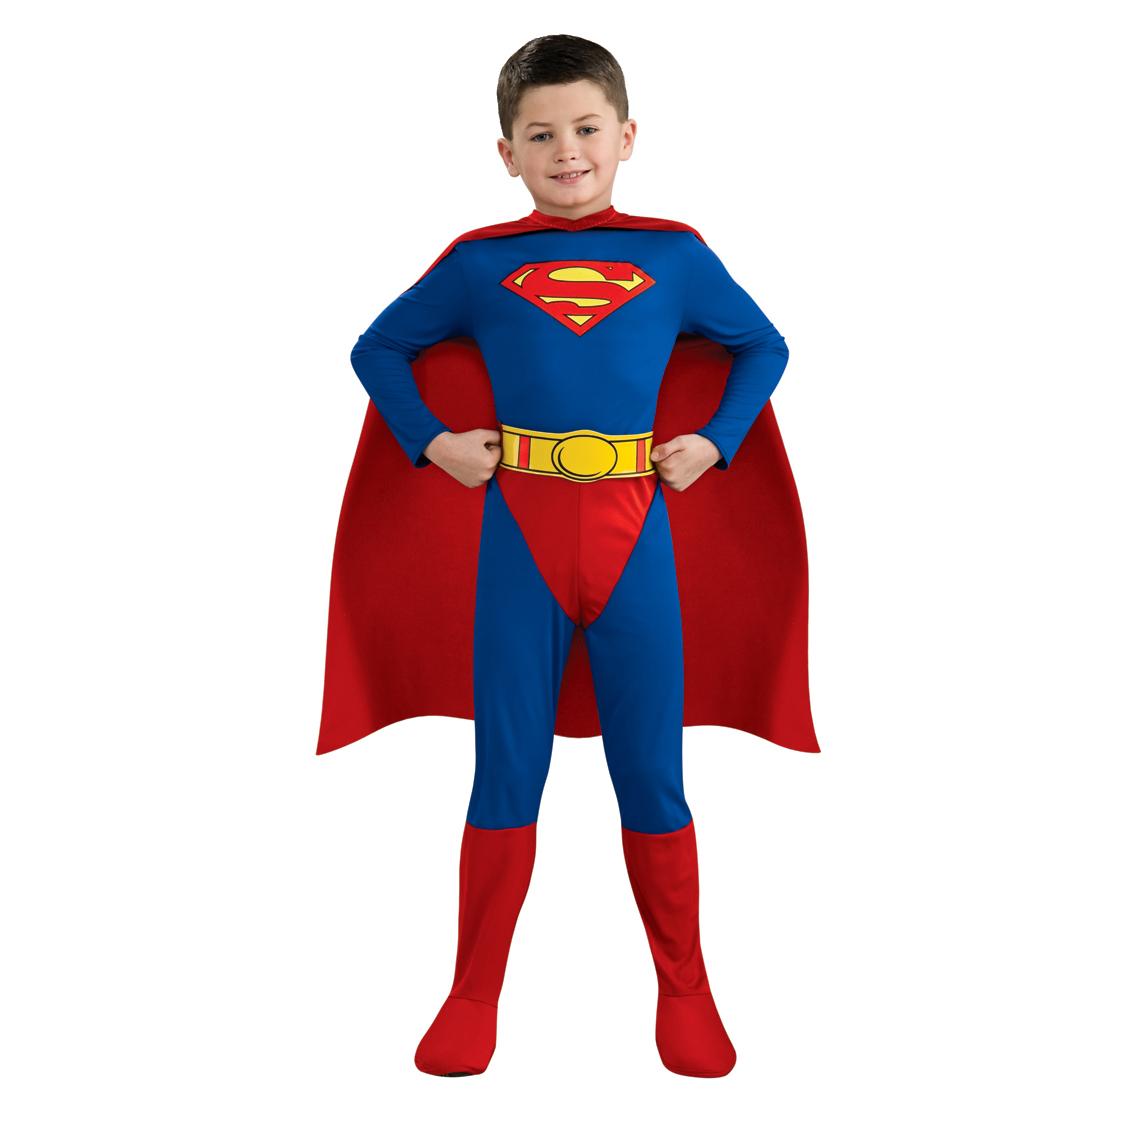 Maskeradkläder Barn - Superman Maskeraddräkt Barn